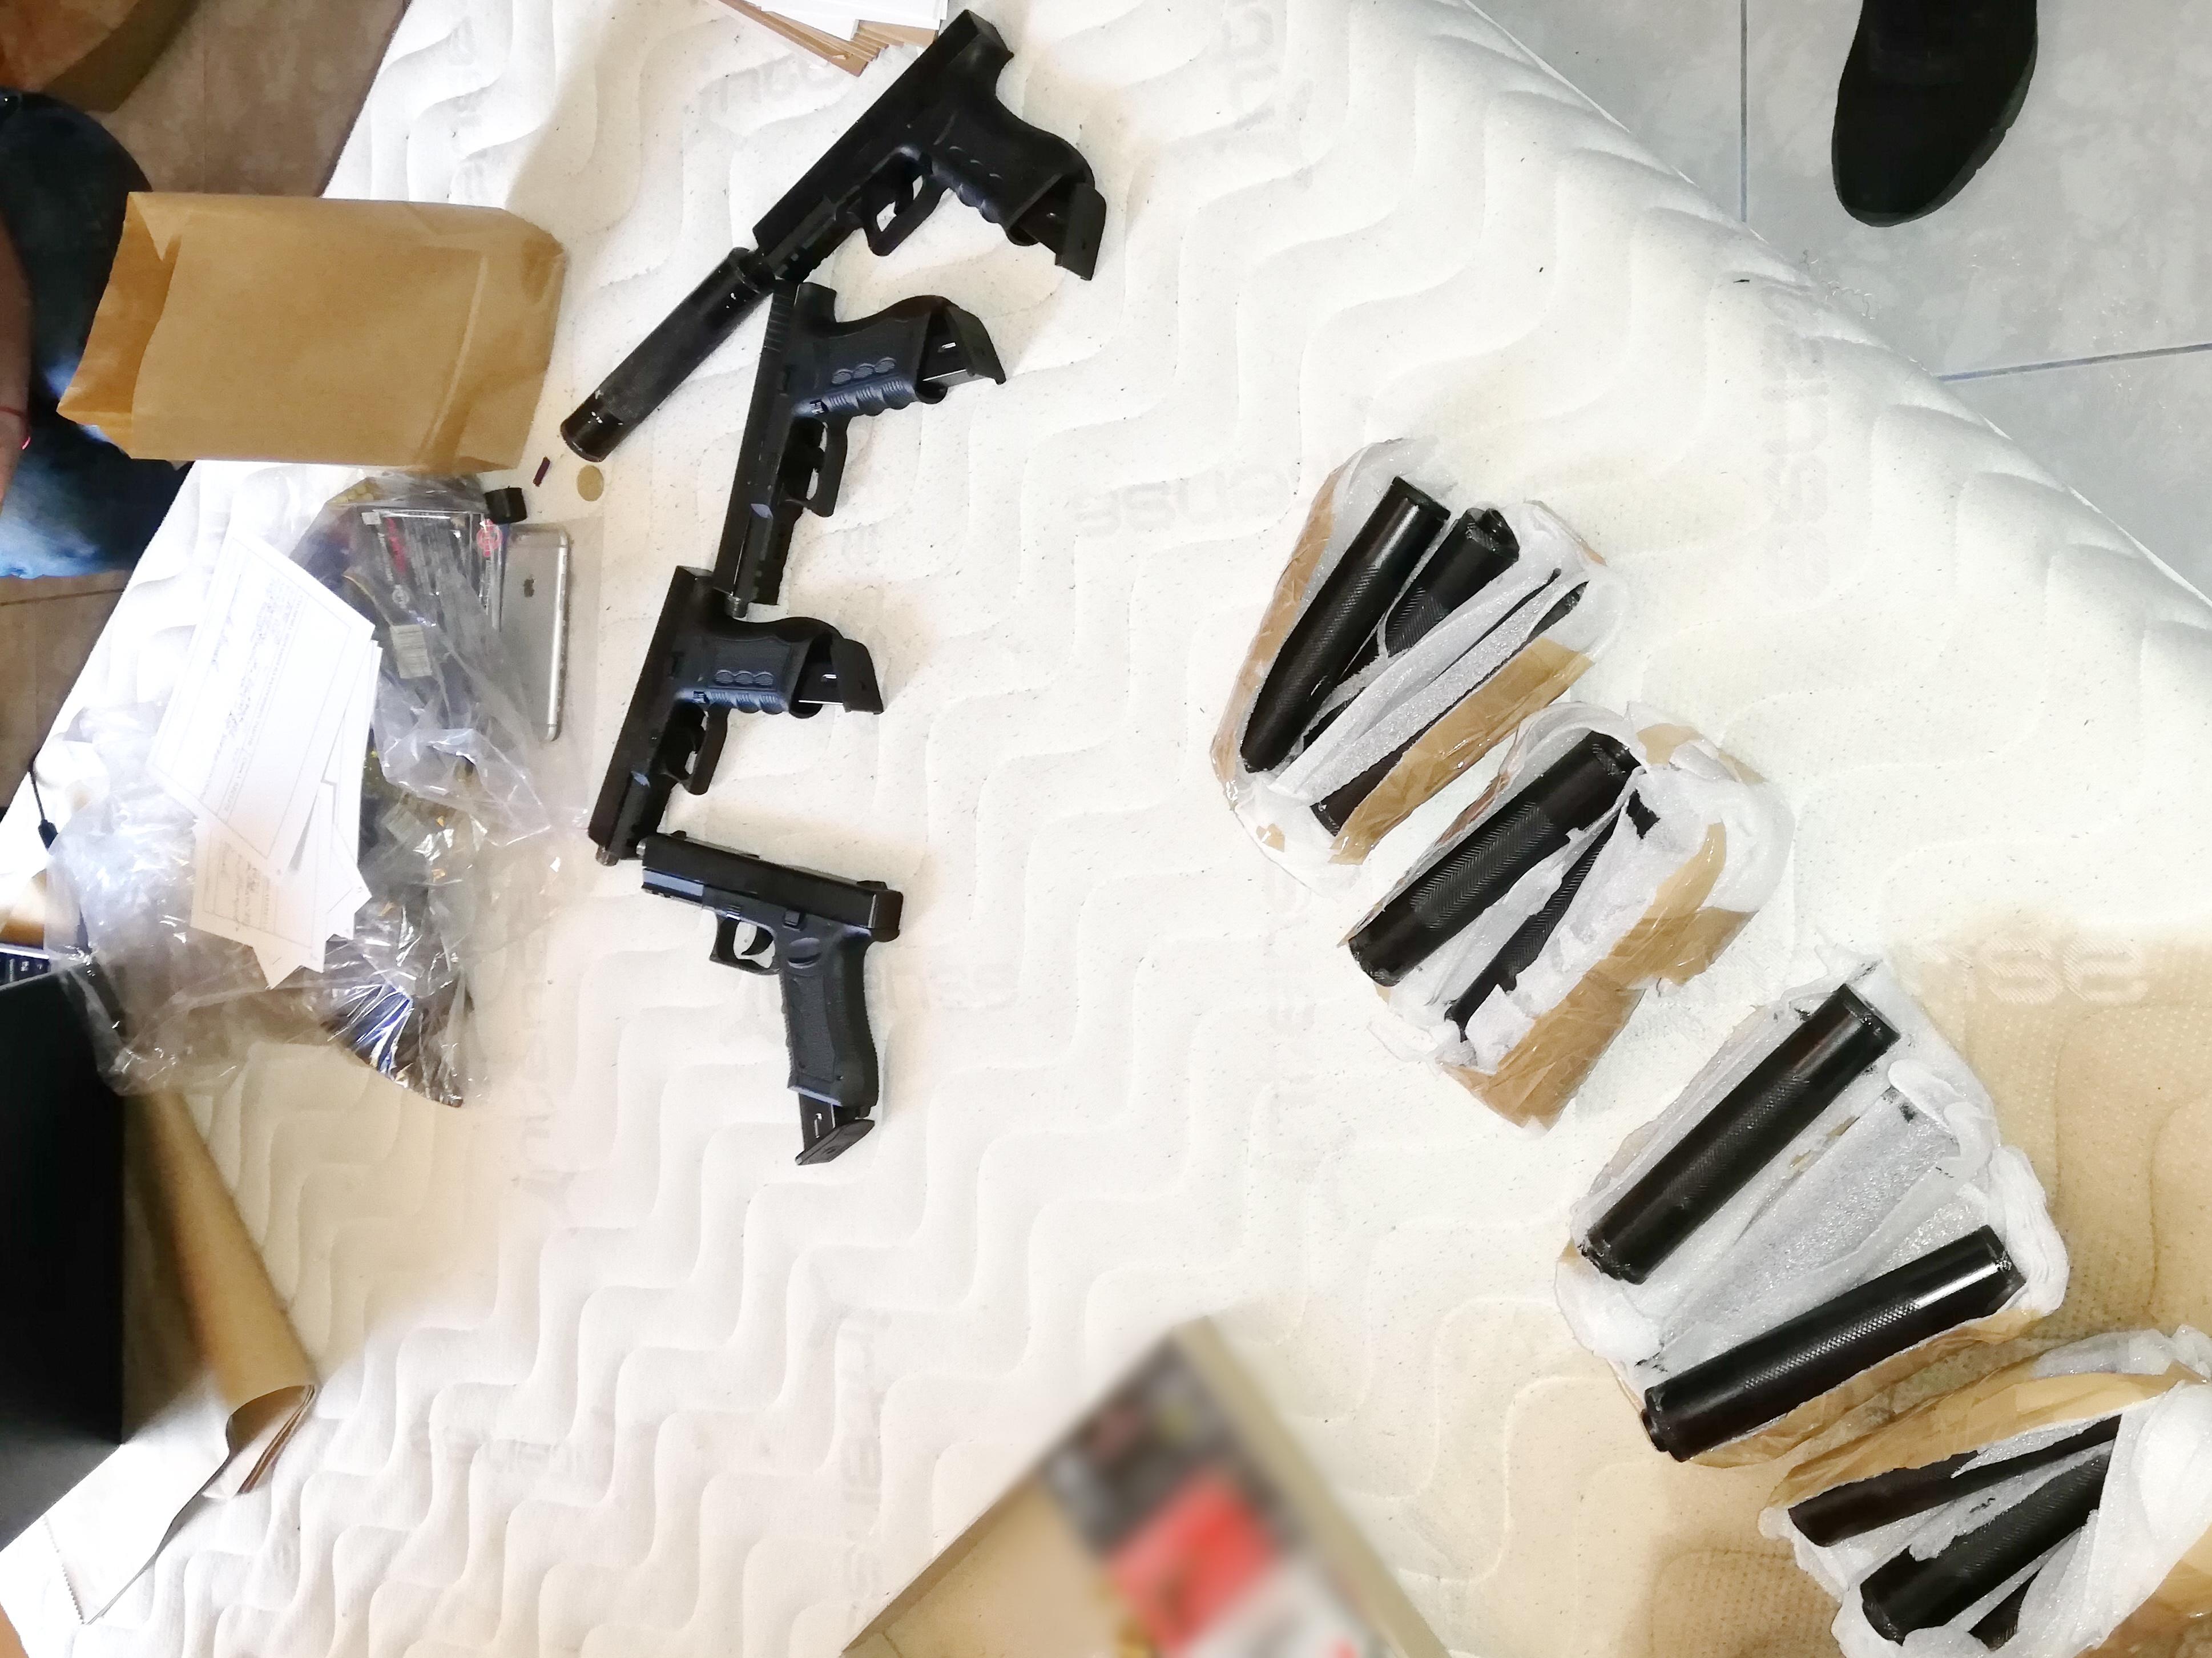 Организираната престъпна група е действала с 6-има членове. Групата е била задържана на 17 септември с 53 пистолета, като всяко от оръжията е било придружено с кутия от по 50 патрона в нея